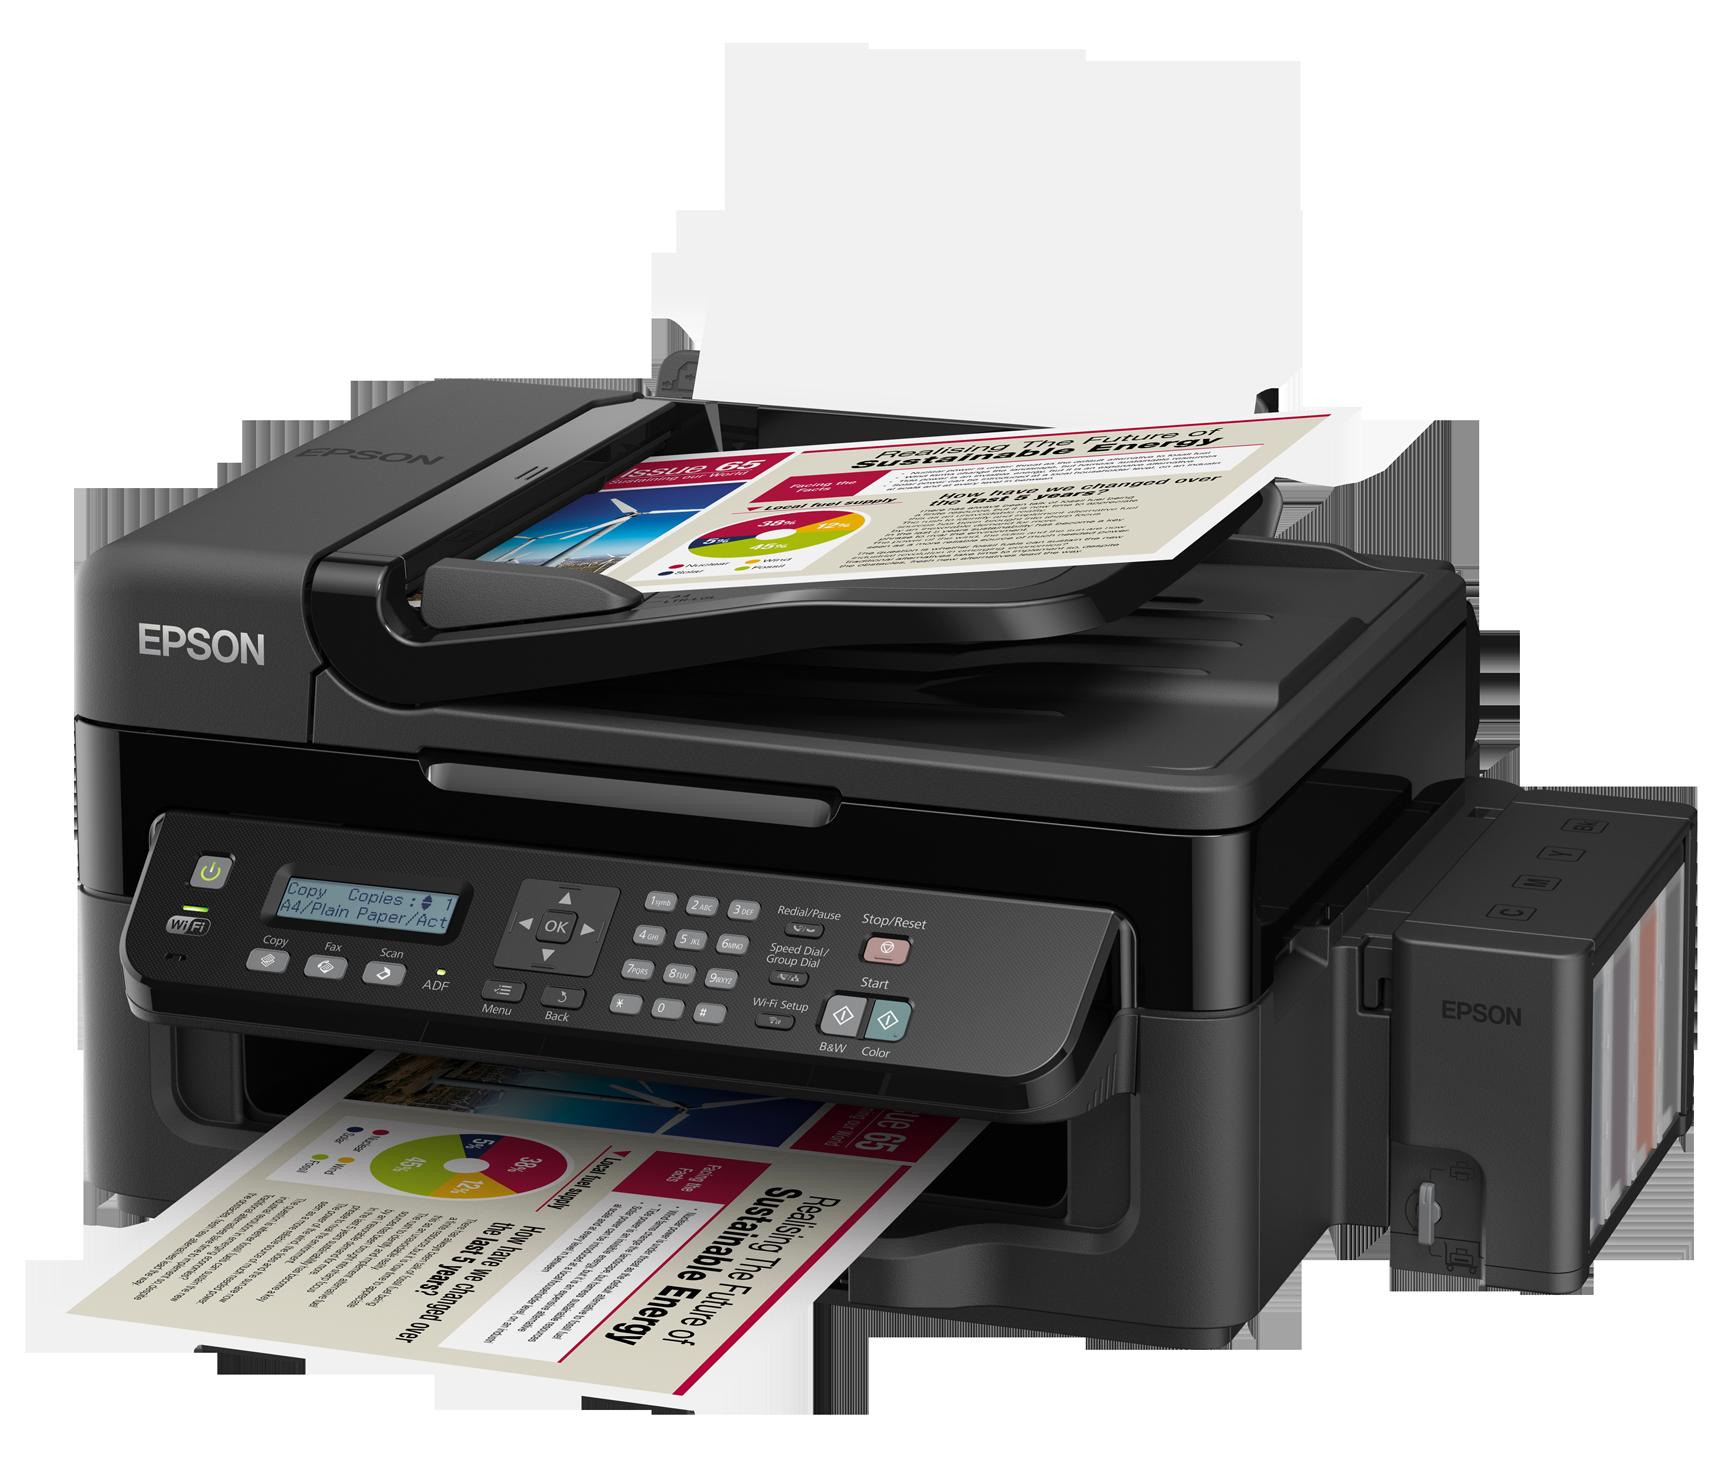 Laser Printer Png Image Epson Ecotank Printer Ecotank Printer Epson Printer